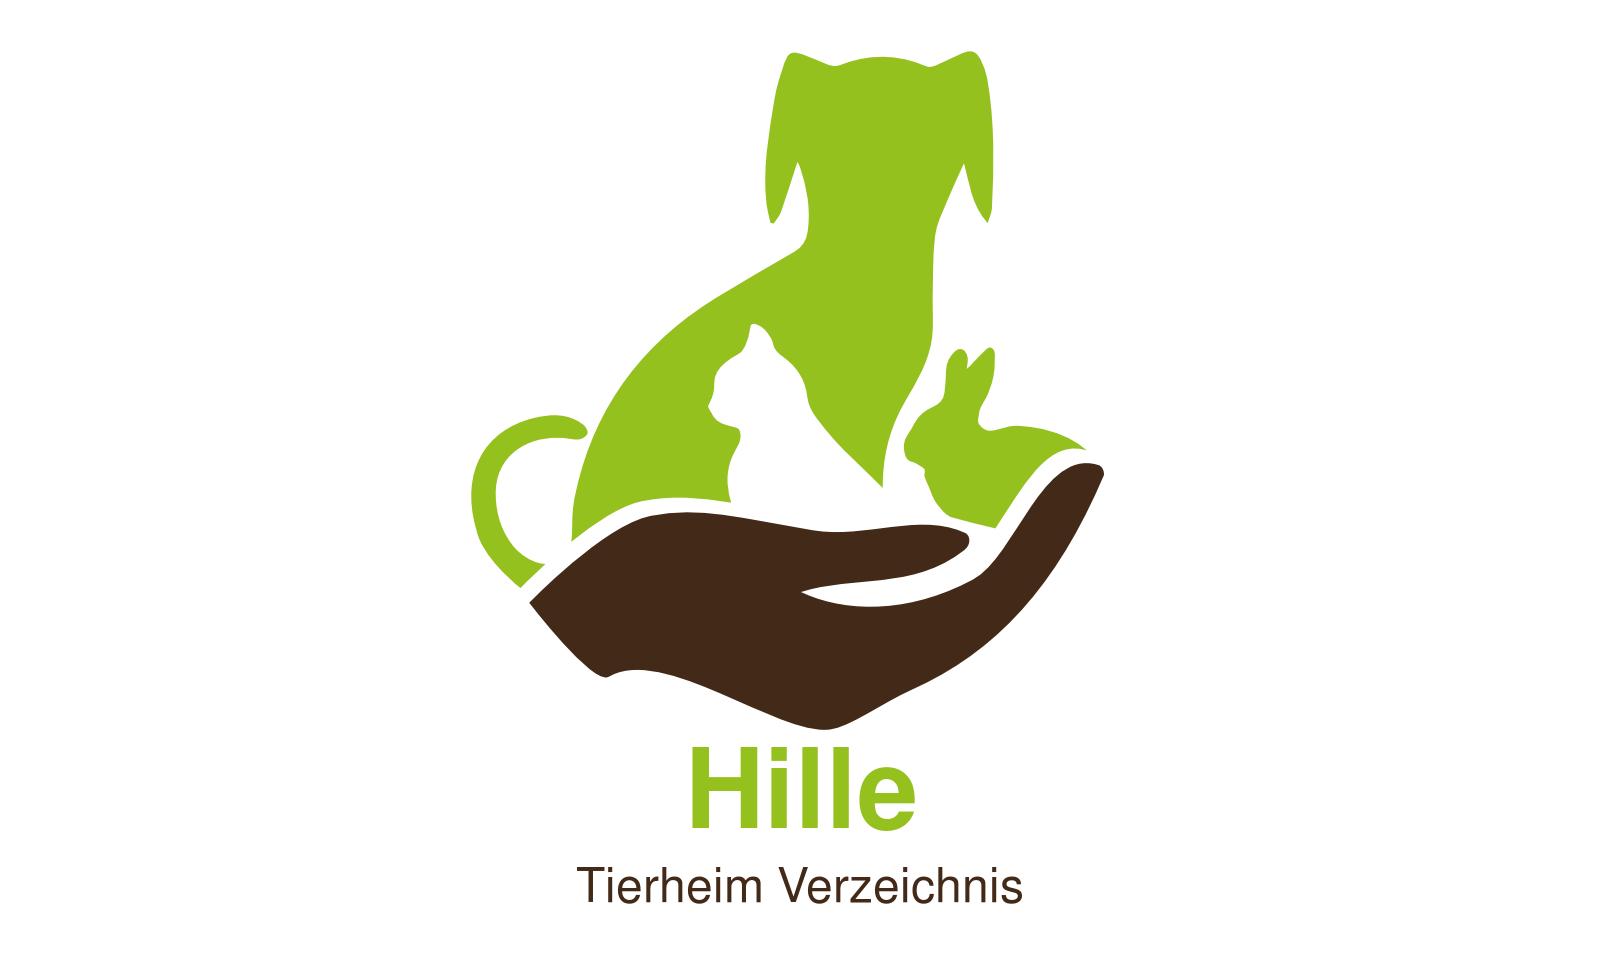 Tierheim Hille